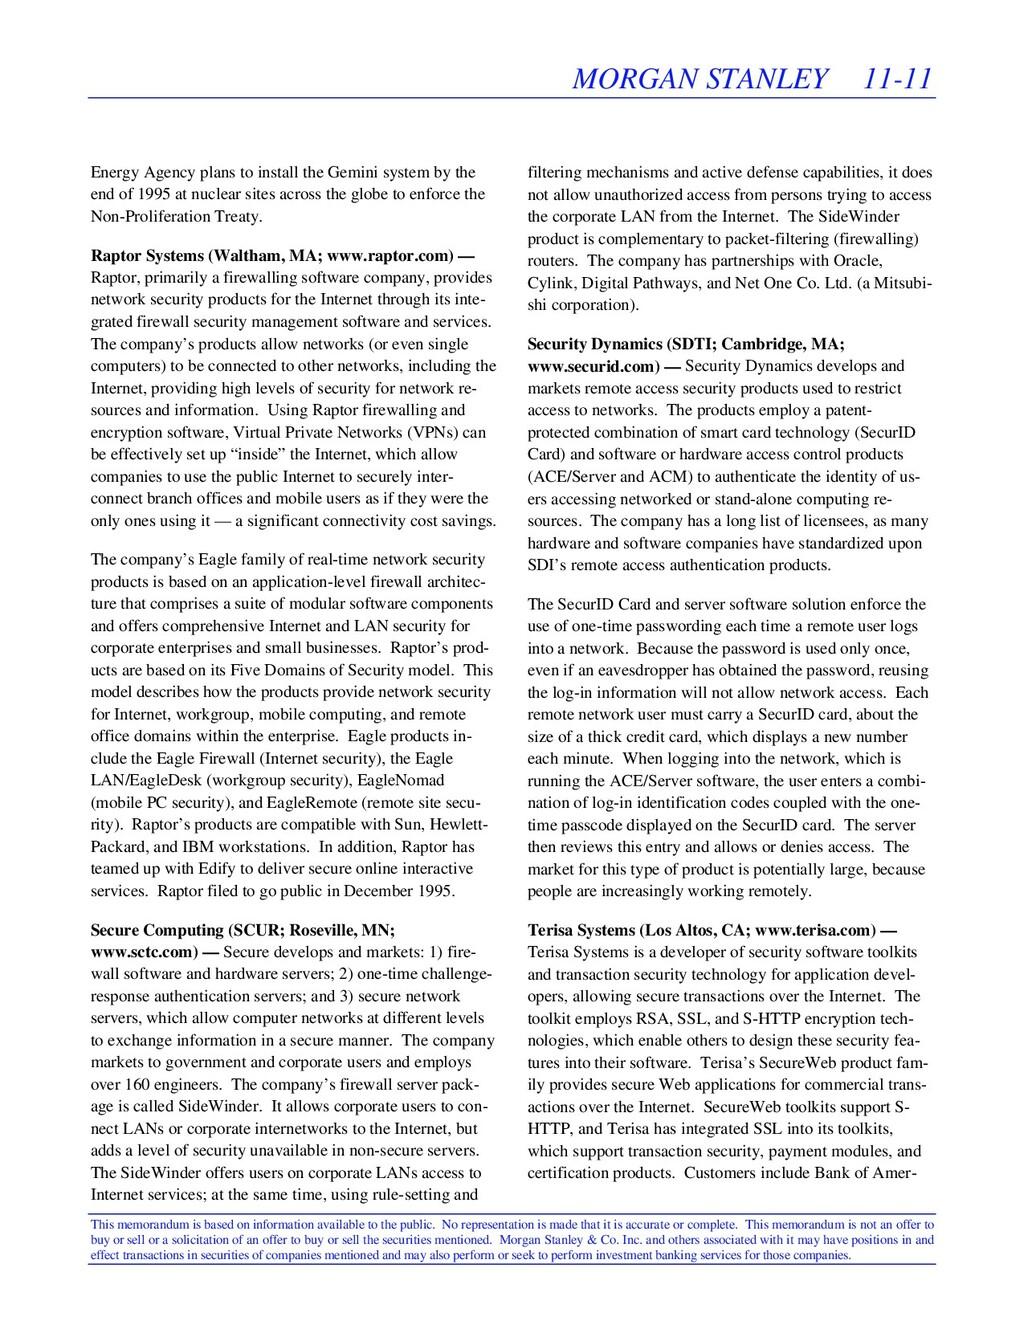 MORGAN STANLEY 11-11 This memorandum is based o...